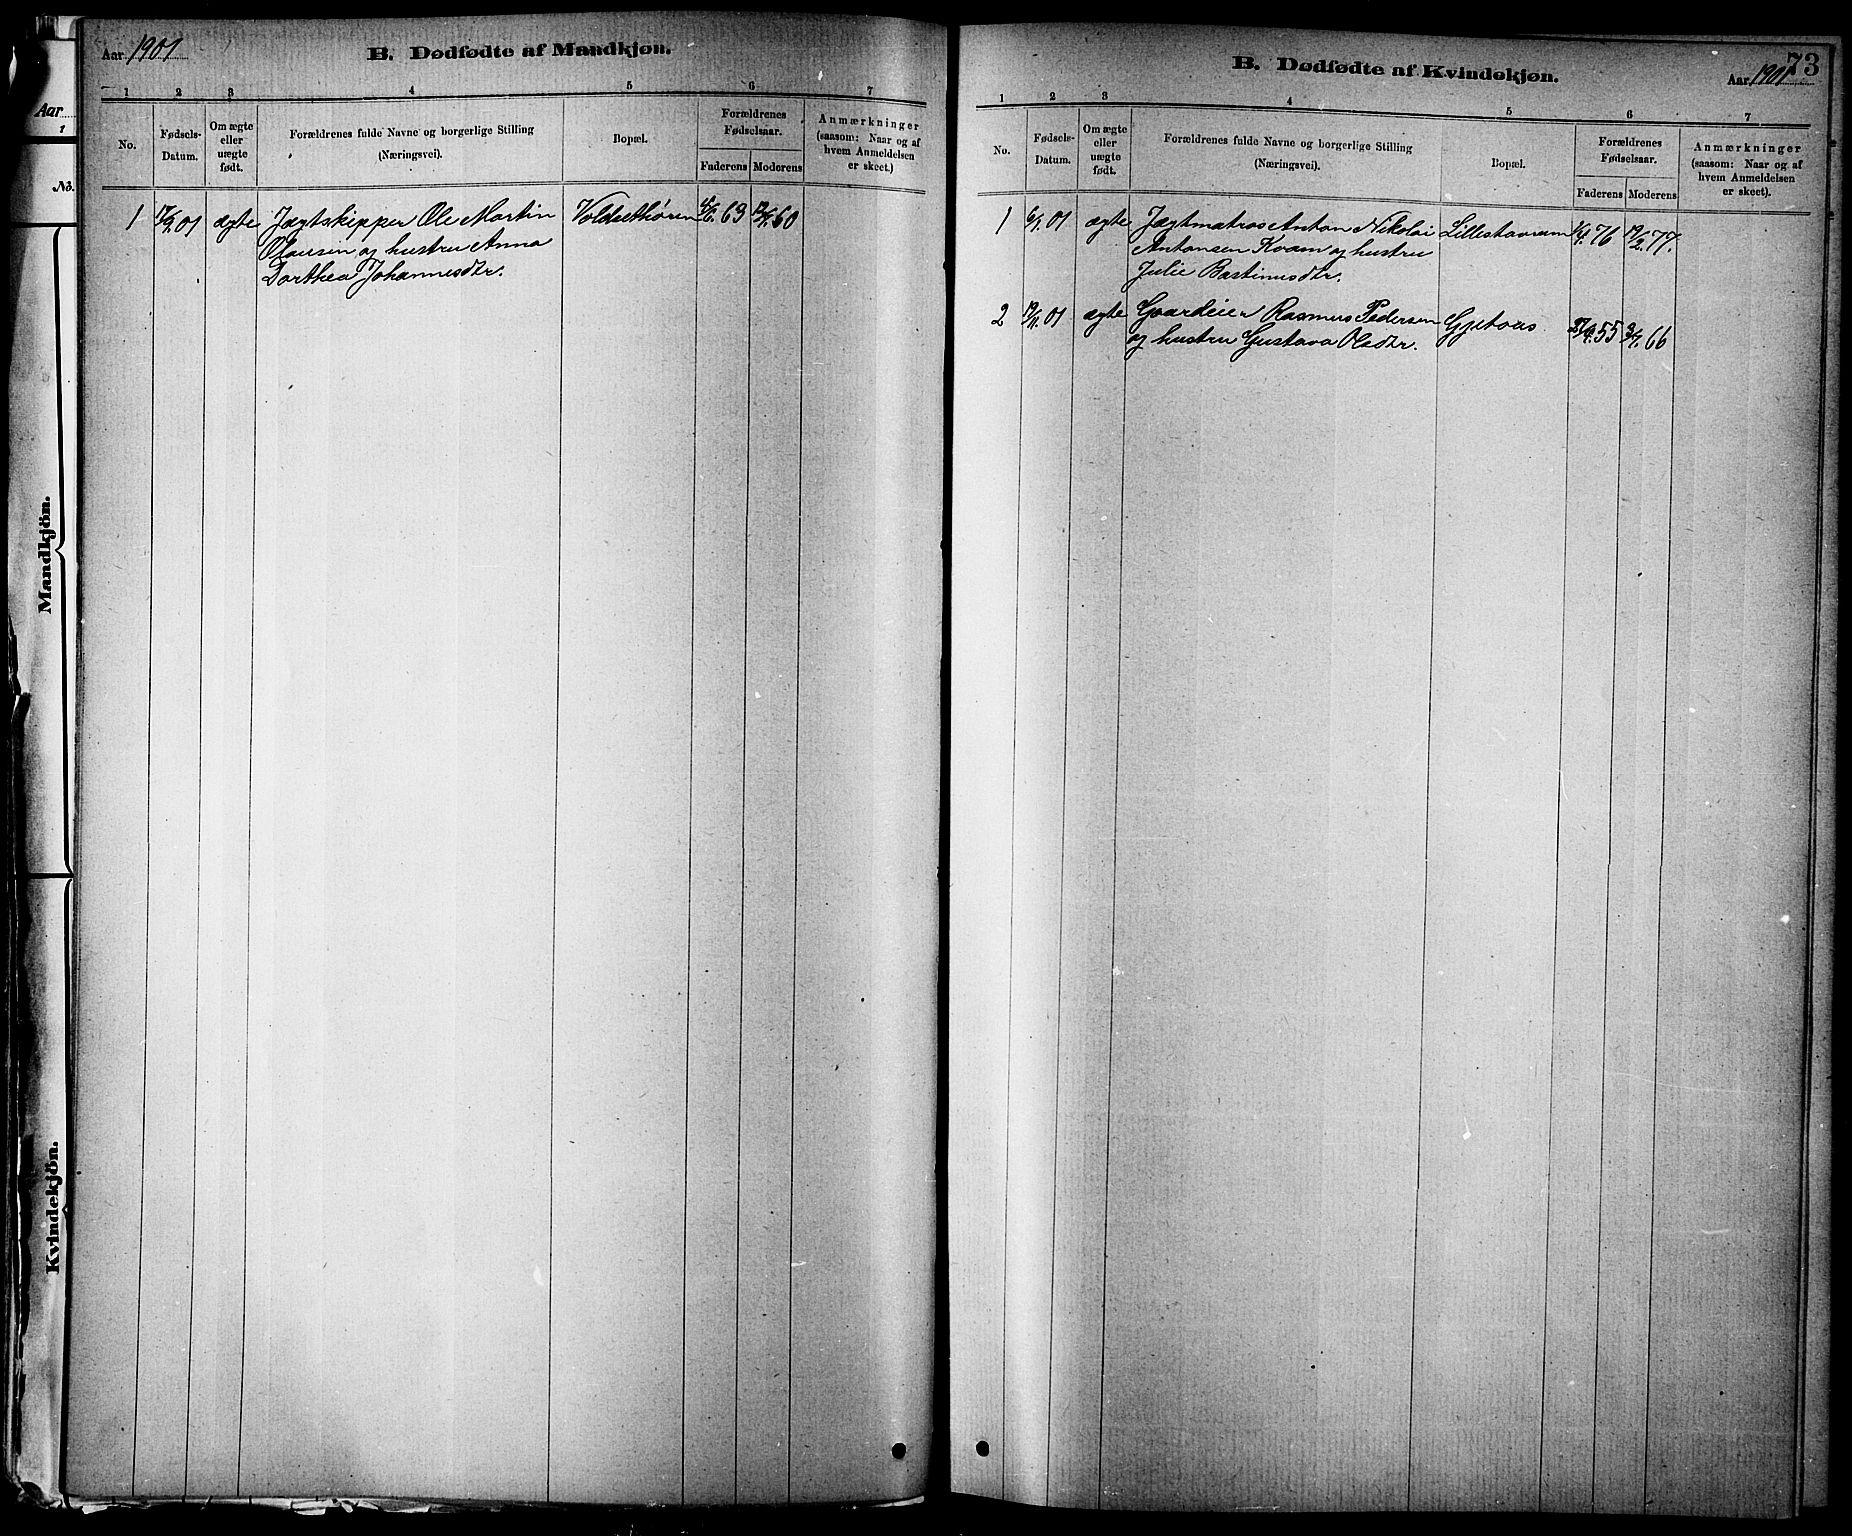 SAT, Ministerialprotokoller, klokkerbøker og fødselsregistre - Nord-Trøndelag, 744/L0423: Klokkerbok nr. 744C02, 1886-1905, s. 73